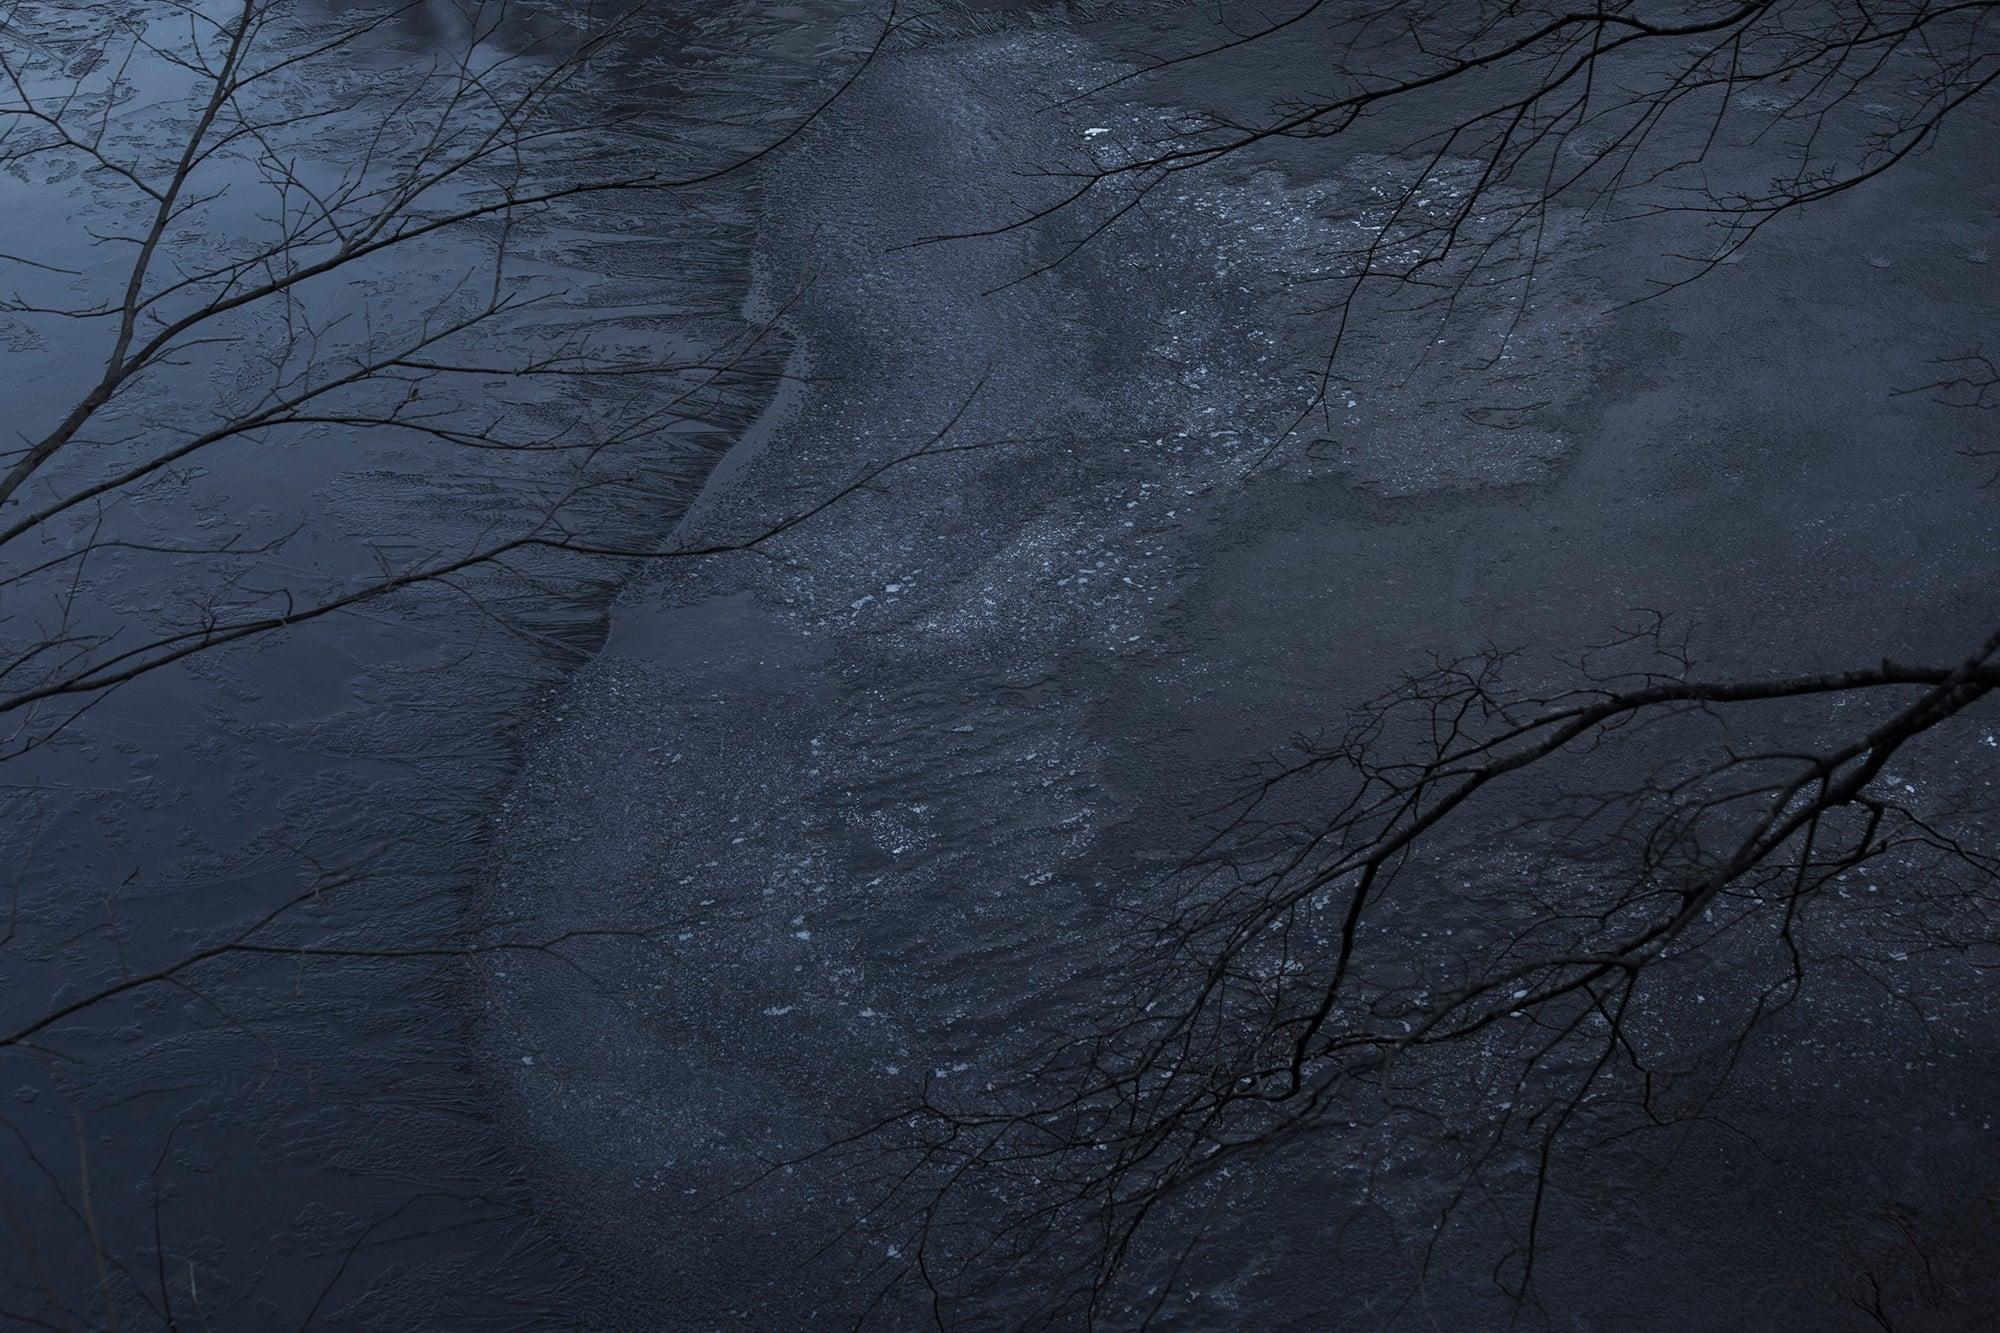 近くの池に氷が張ってきた。季節の気配には些細なことで気づく。